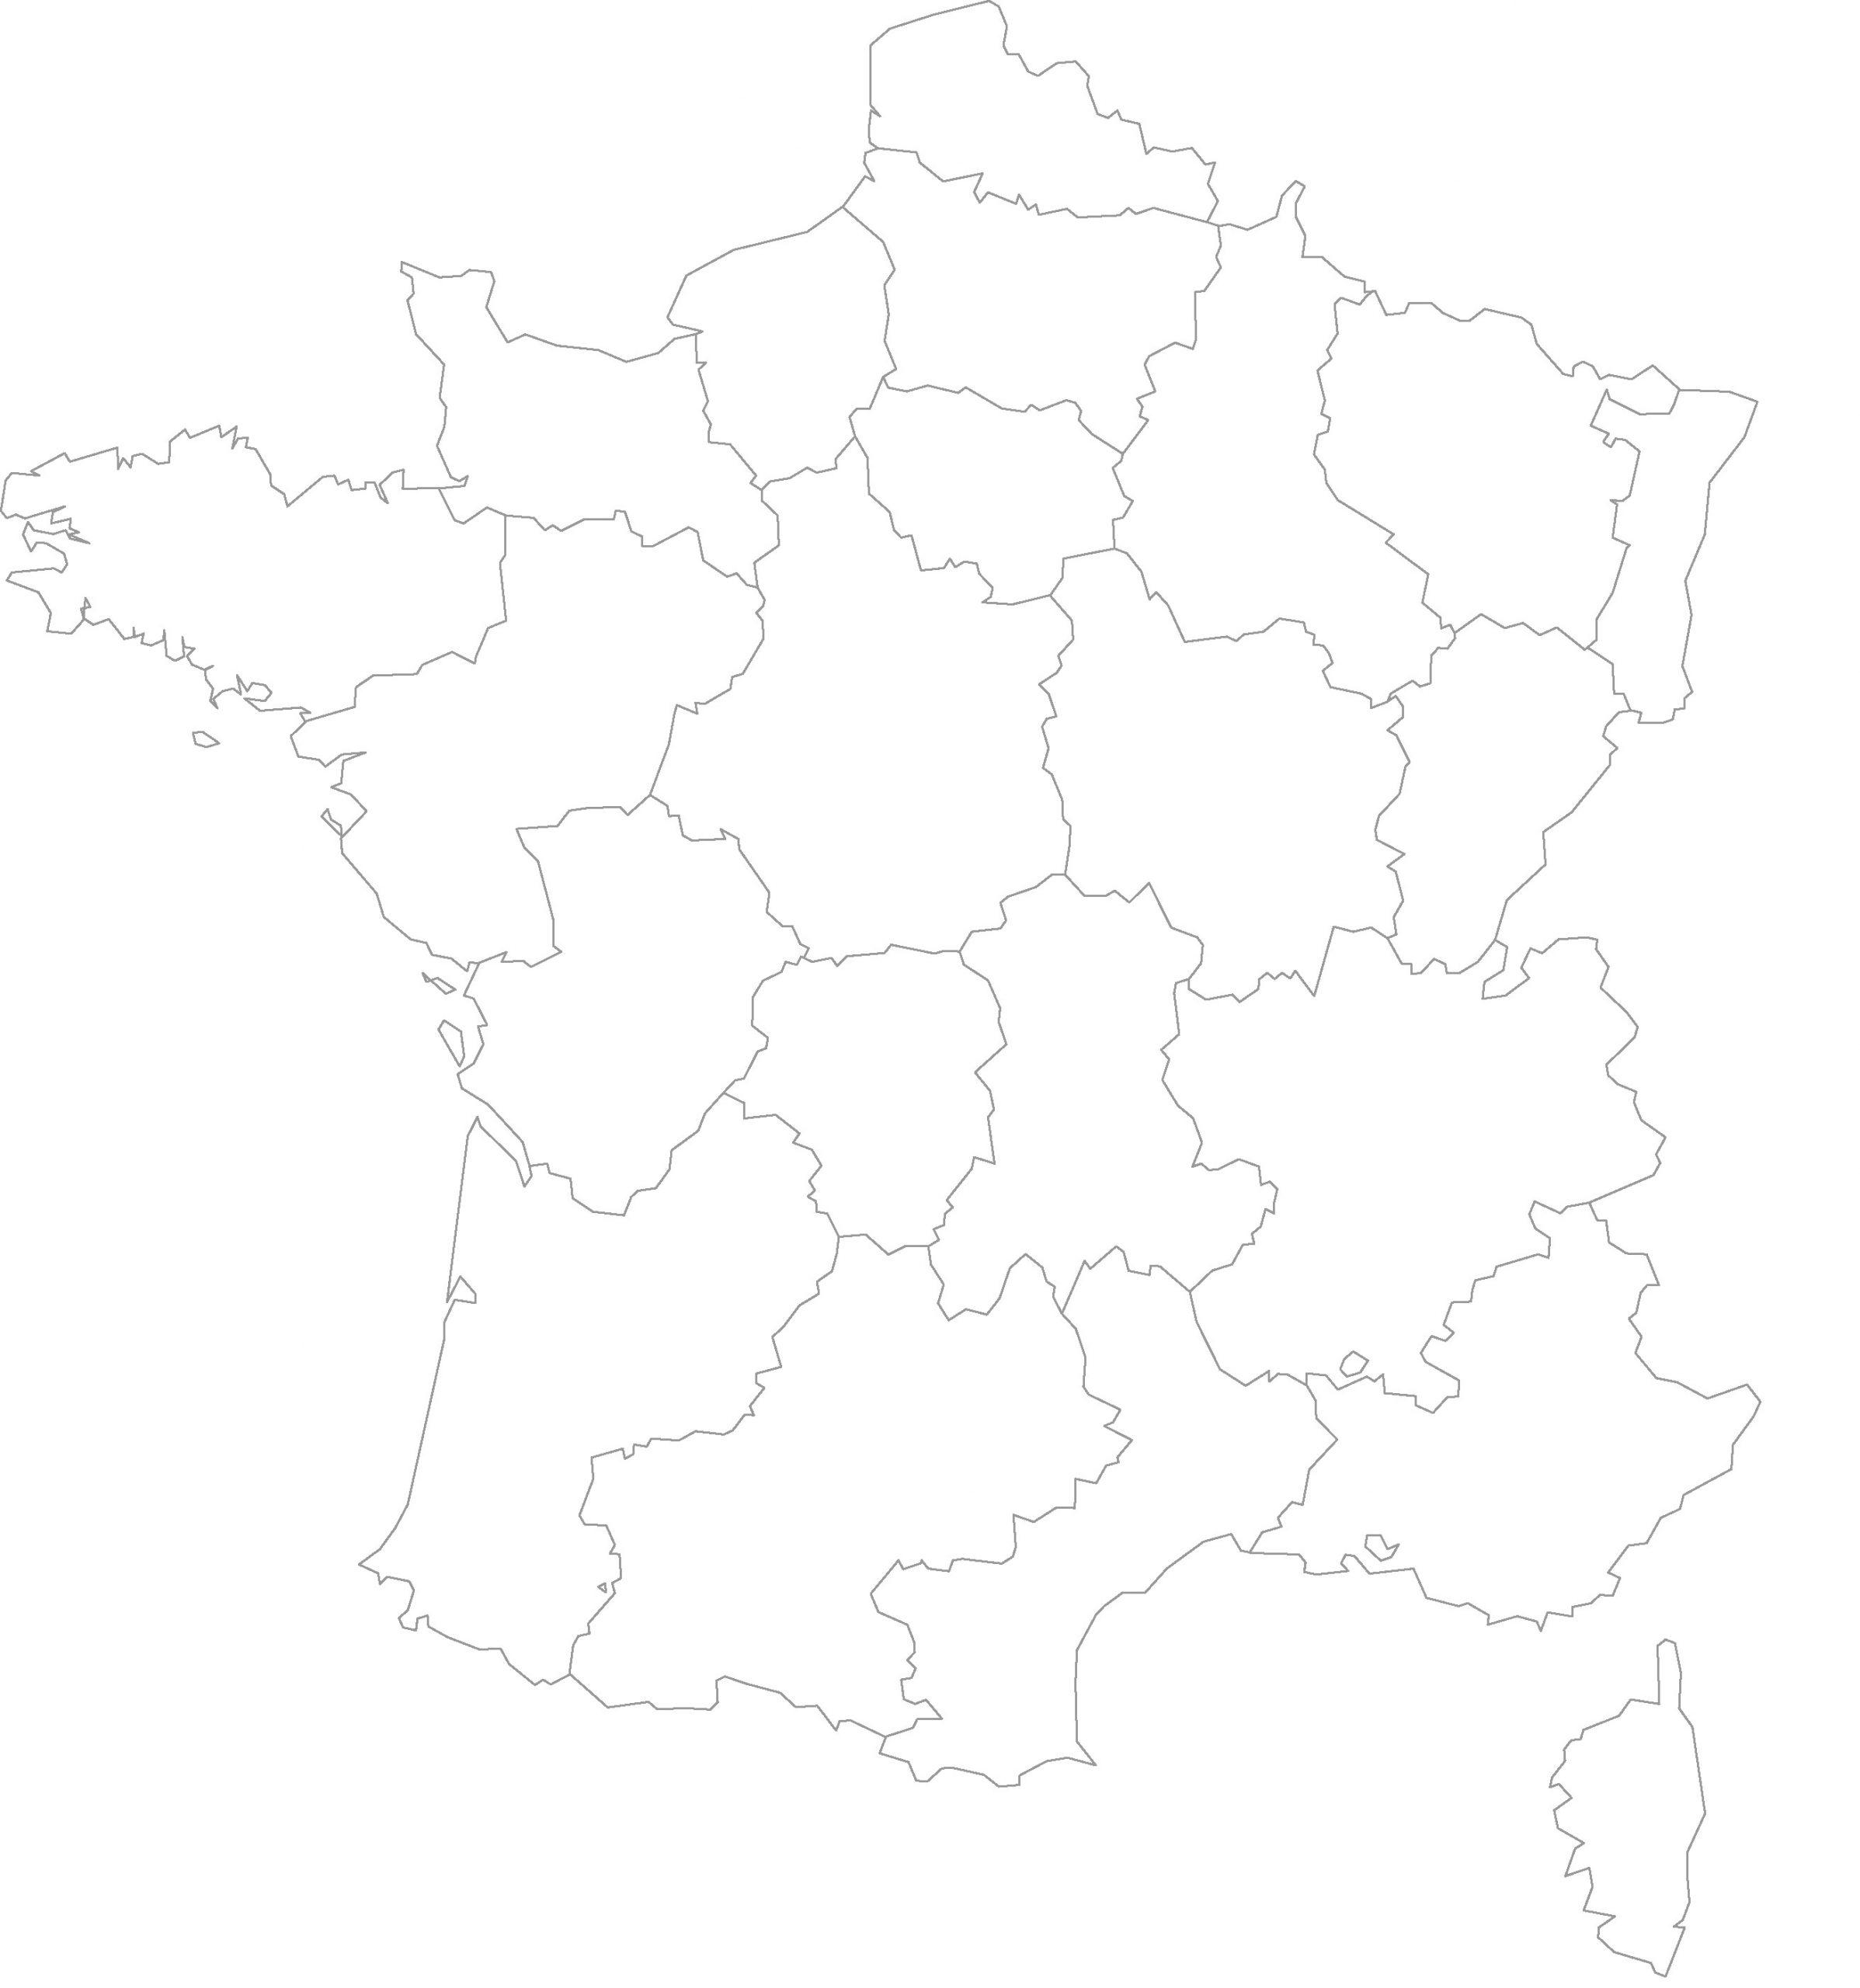 Cartes Muettes De La France À Imprimer - Chroniques avec Carte De La France Vierge